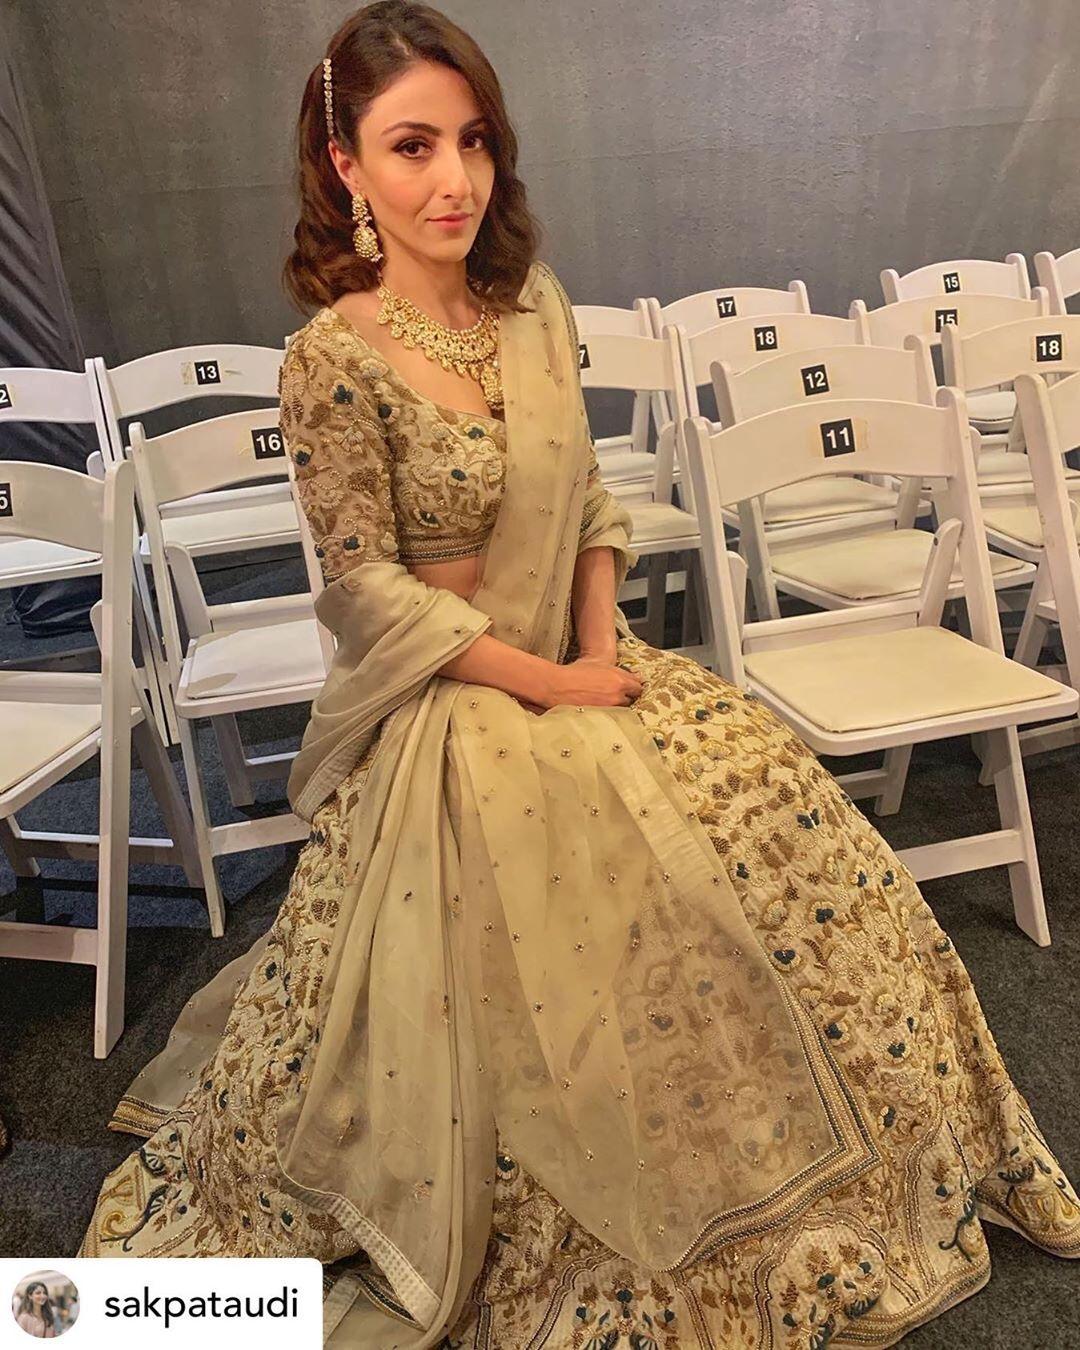 Soha Ali Khan with polki and diamond necklace and jhumkas